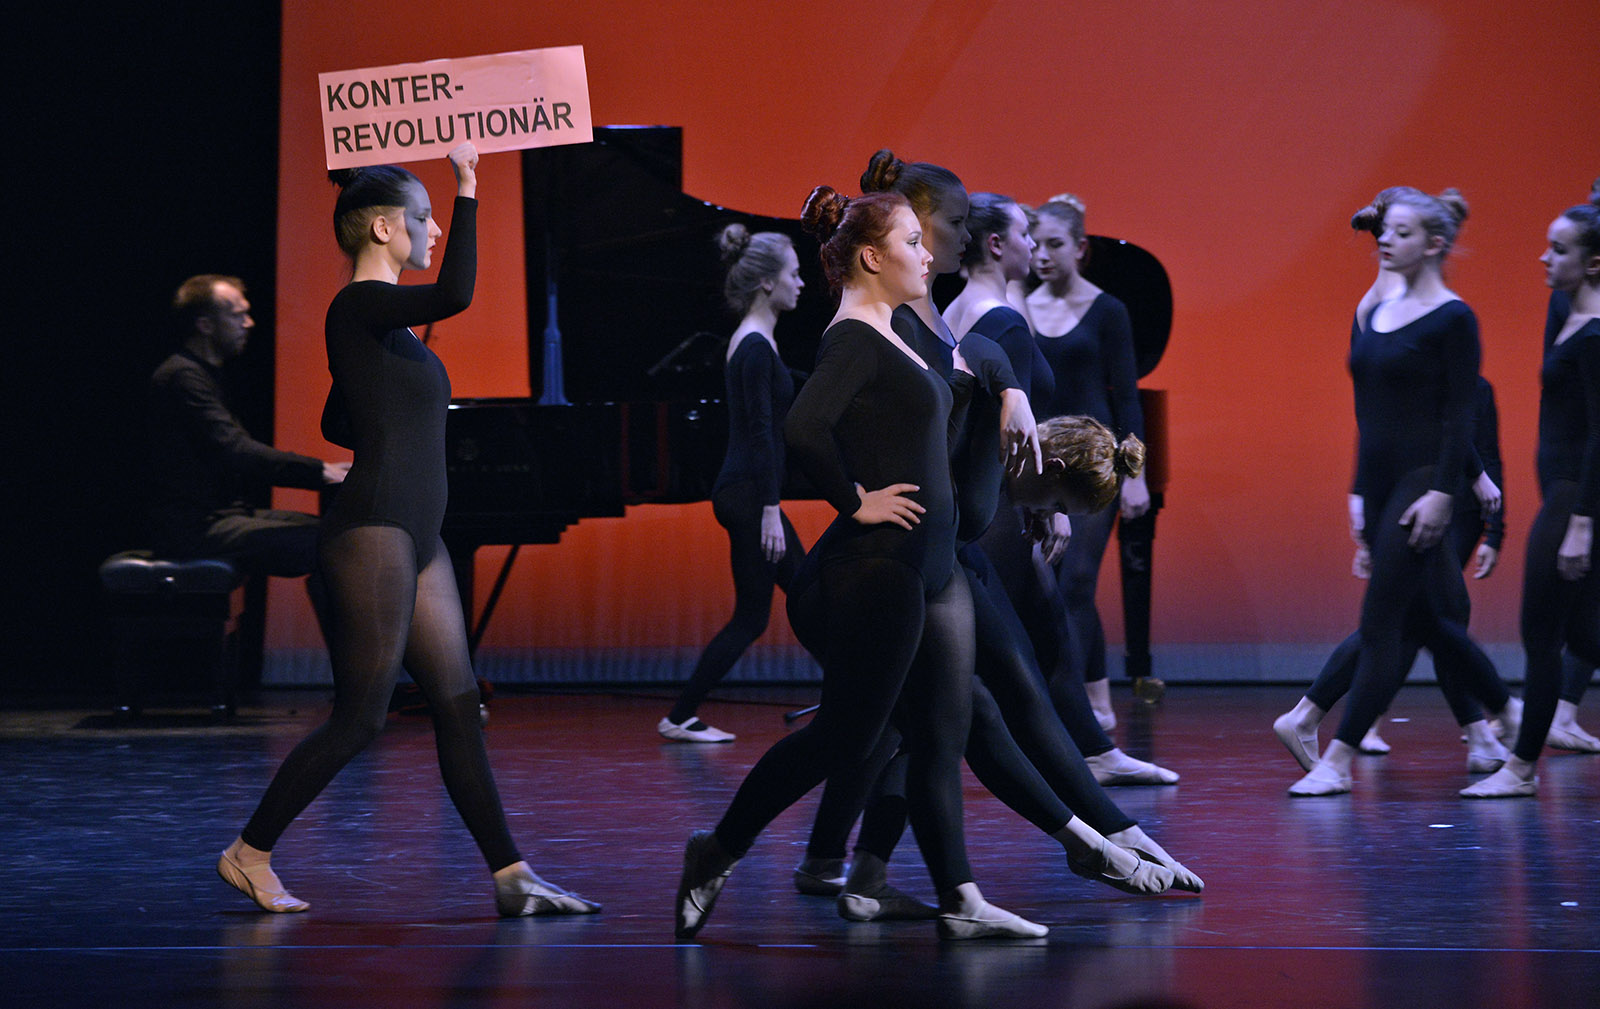 Prokofjew Konterrevolutionaer Behr Ballett Heeg